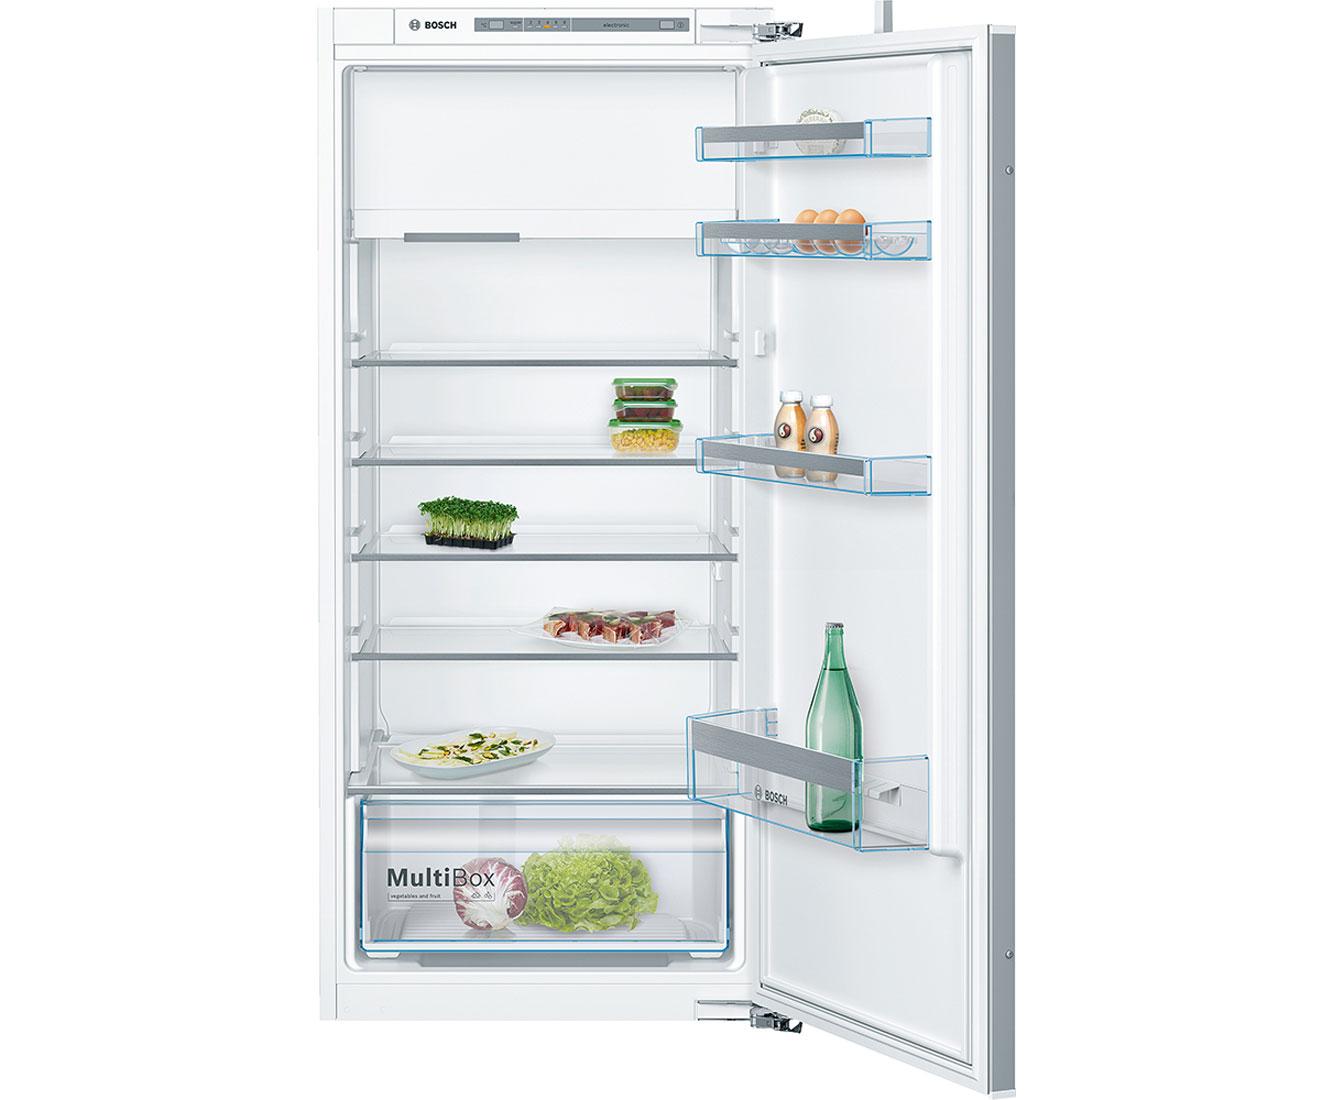 Bosch Kühlschrank Mit Gefrierfach : Bosch serie kil vf einbau kühlschrank mit gefrierfach er